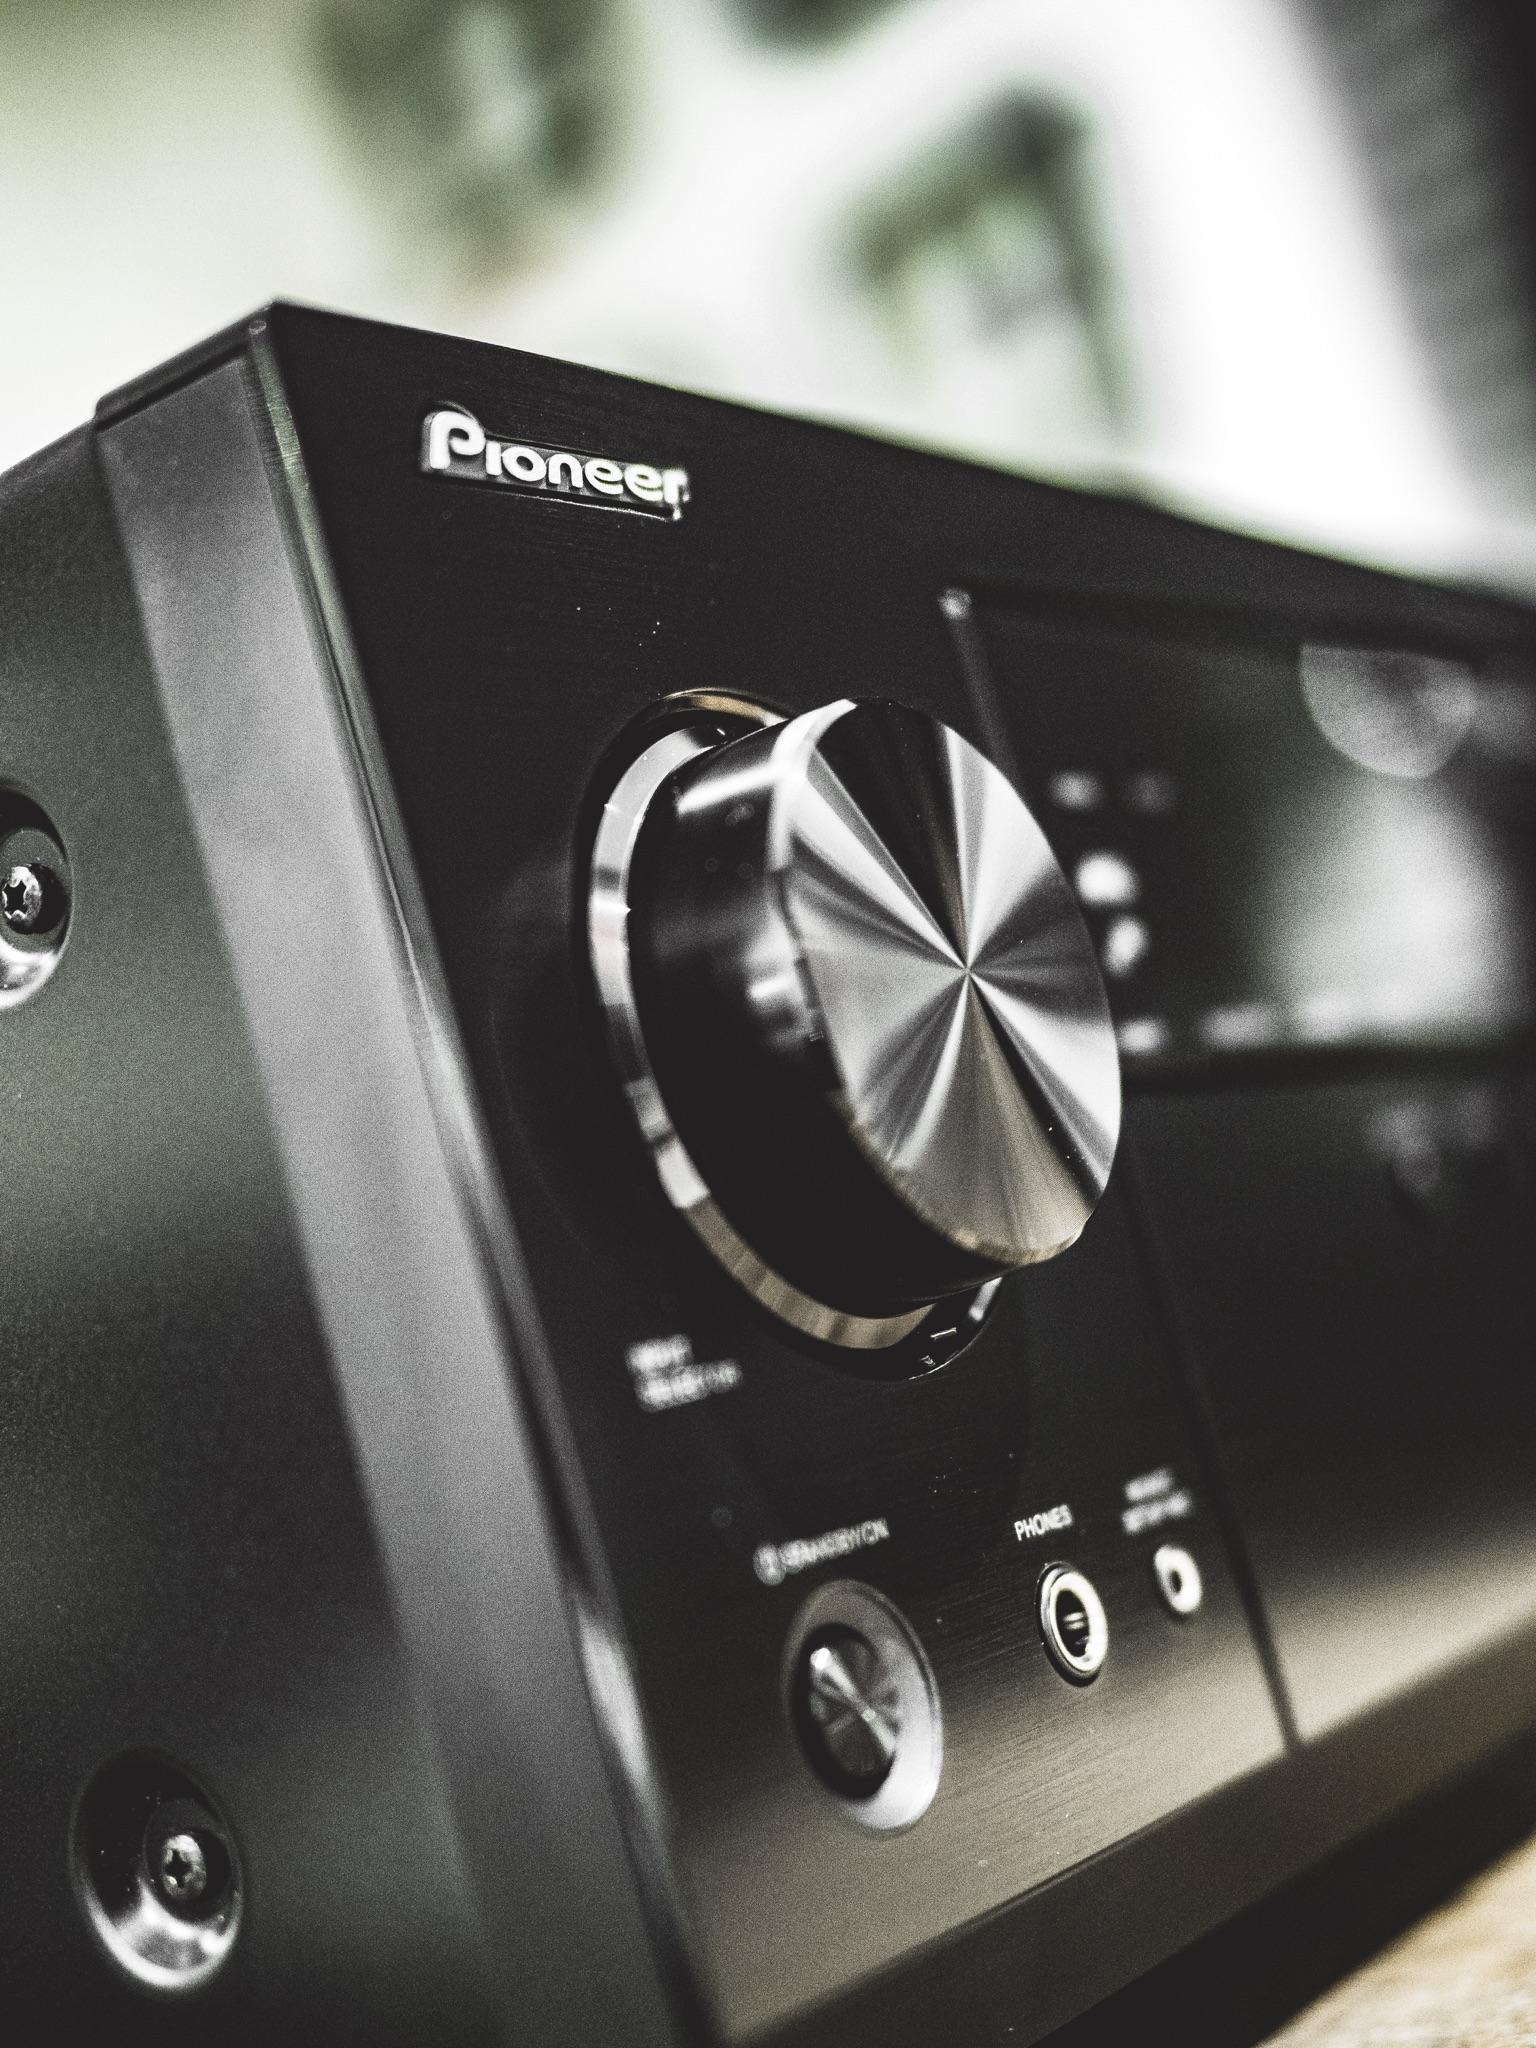 Home Cinema AV Surround Sound Pioneer VSX-932 Receiver